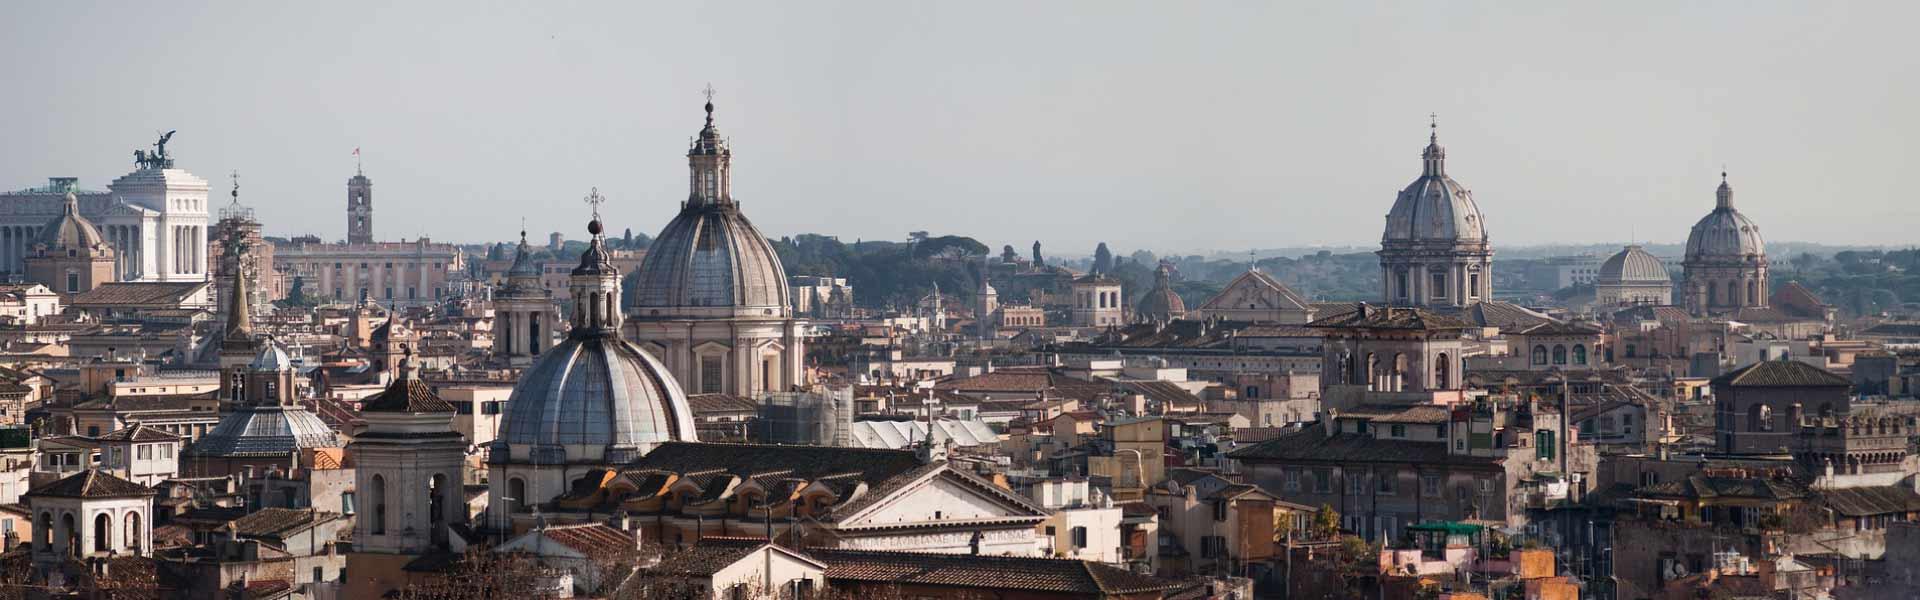 Panorámica de la ciudad de Roma